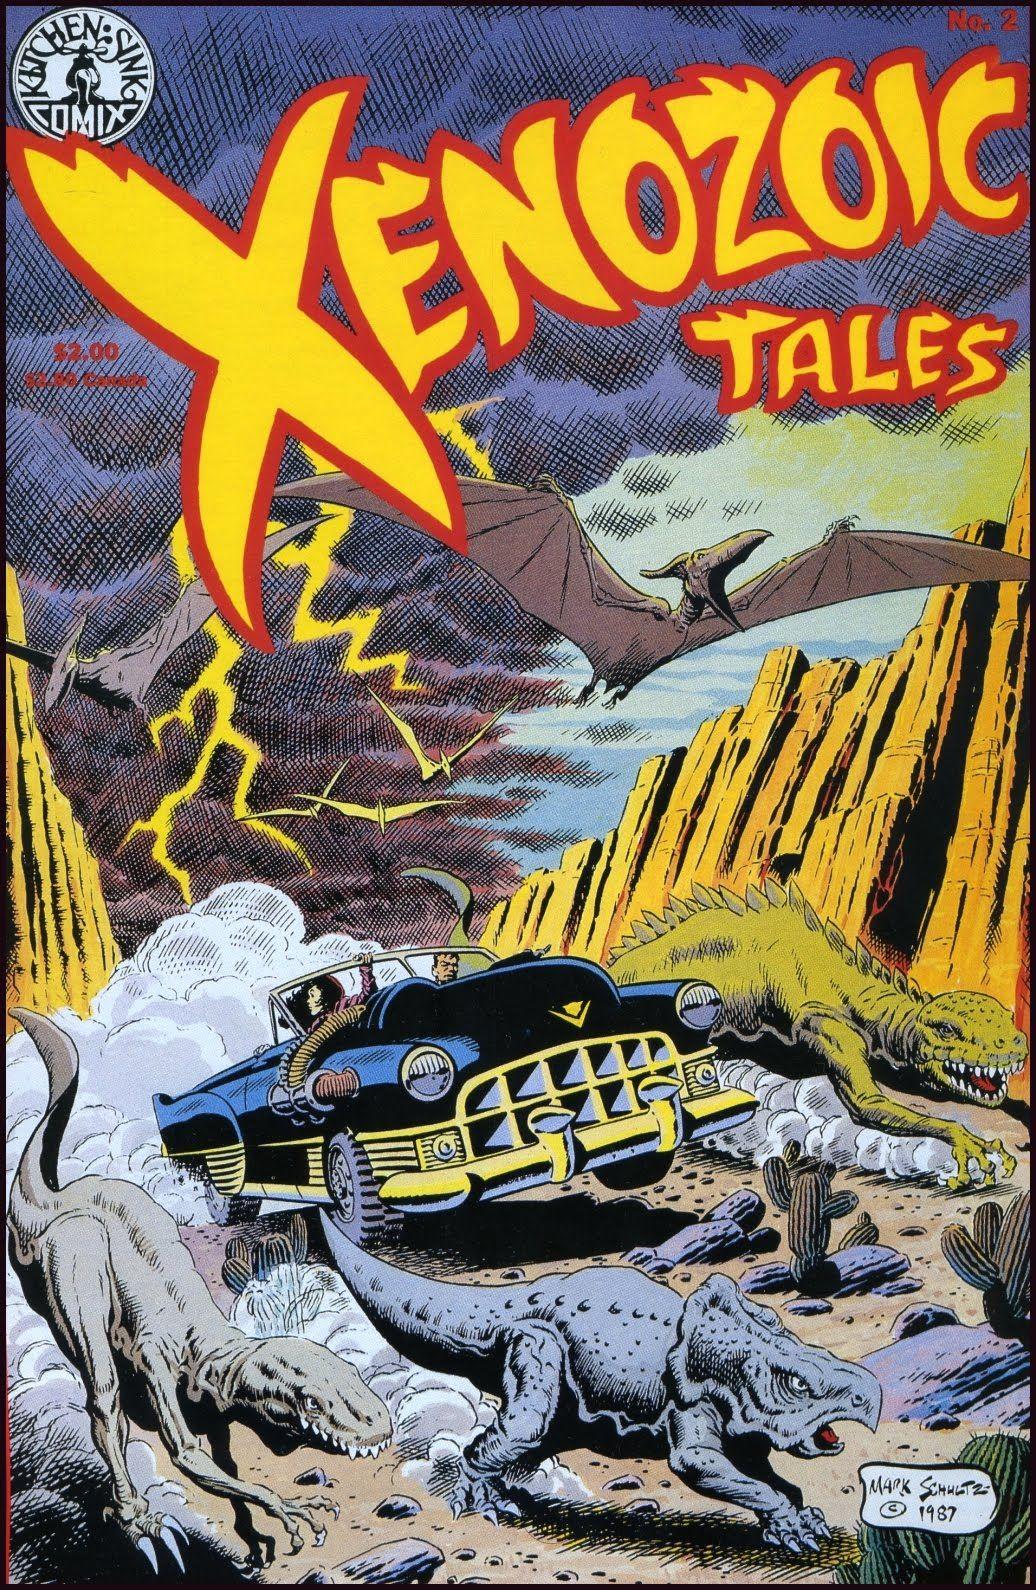 Xenozoic Tales 2 Cover Mark Schultz Comic books, Comic